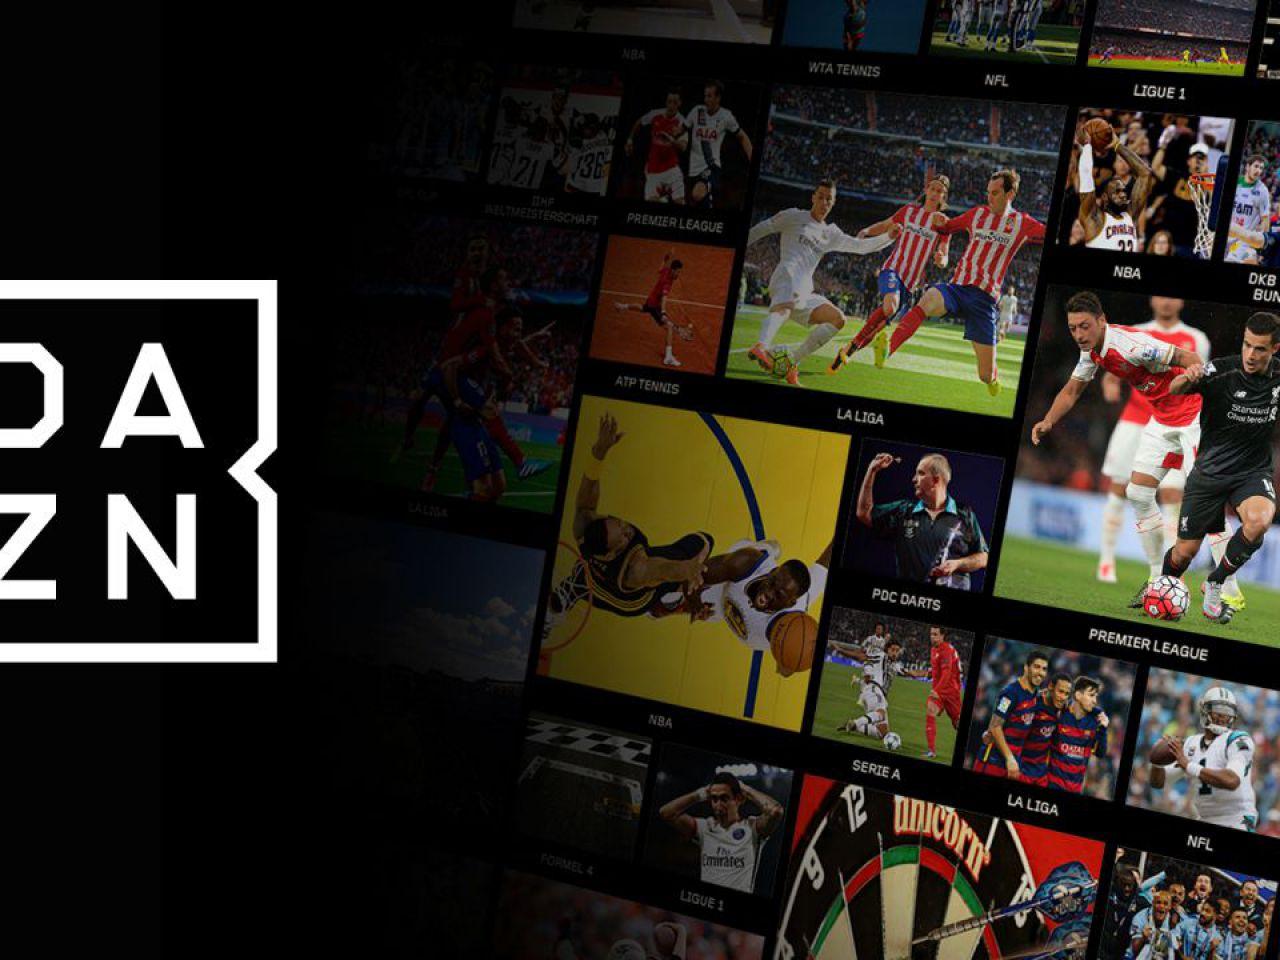 Accordo Sky - DAZN per le partite di Serie A: niente pacchetto unico